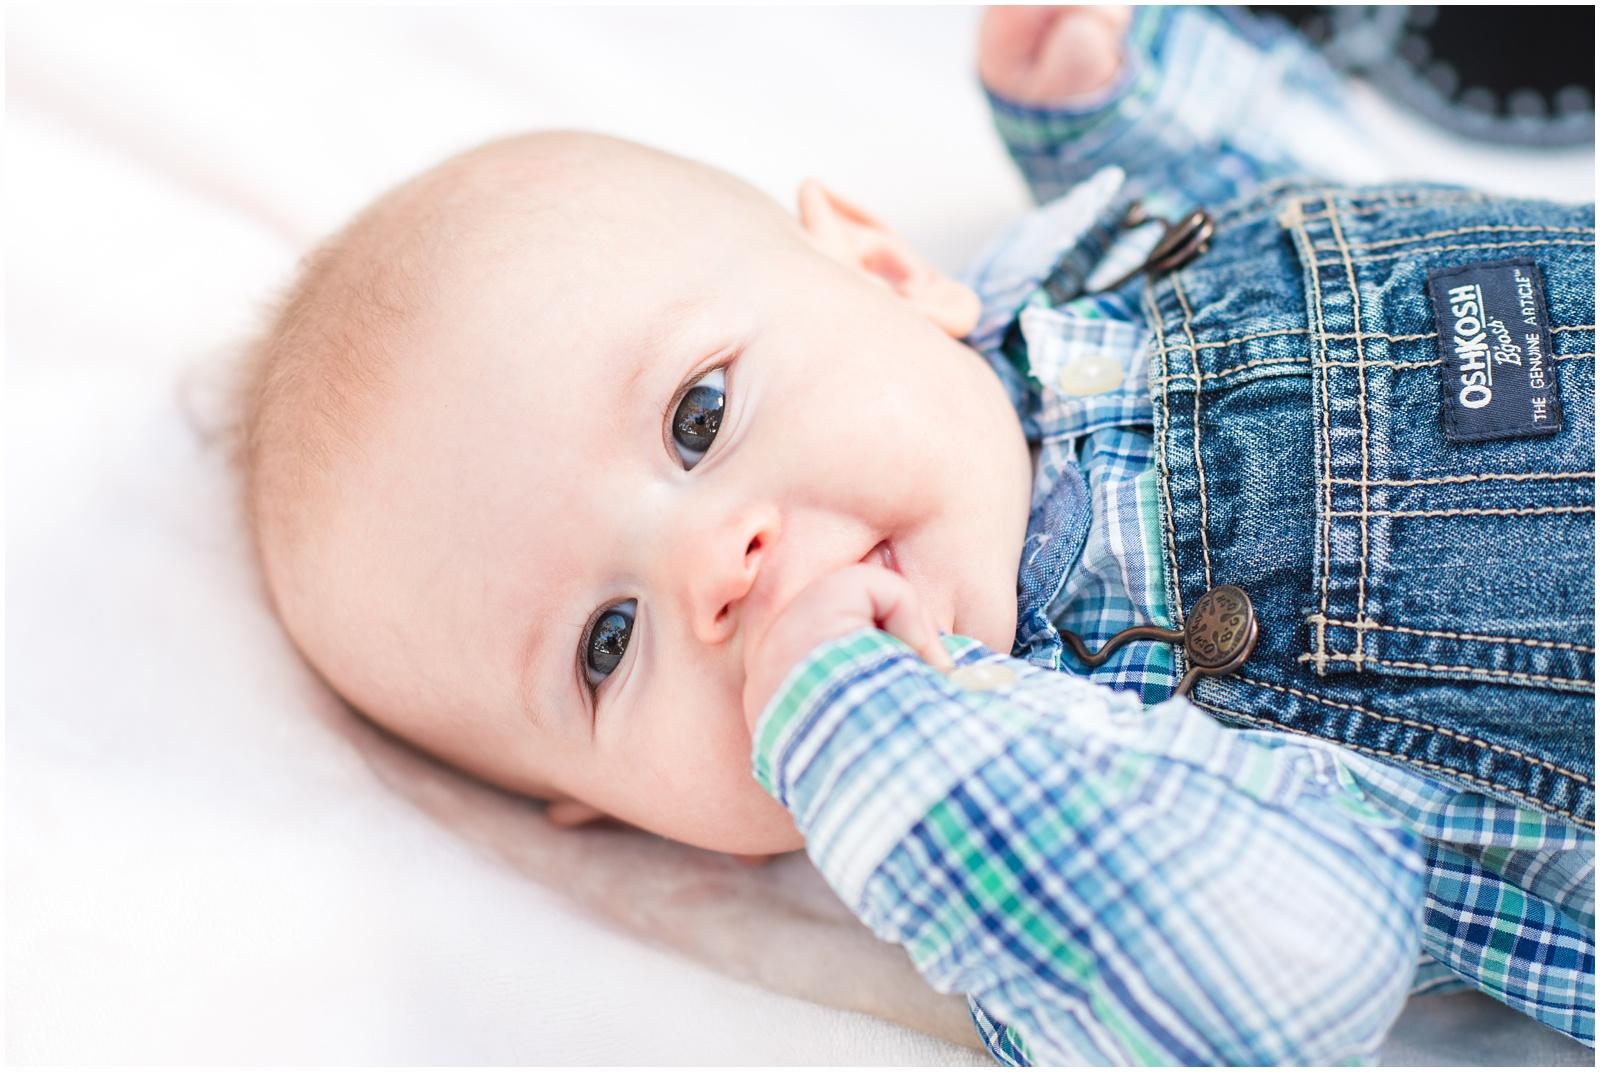 Newborn_Portraits_3 Months_Baby_Alpine Groves Park_1.jpg